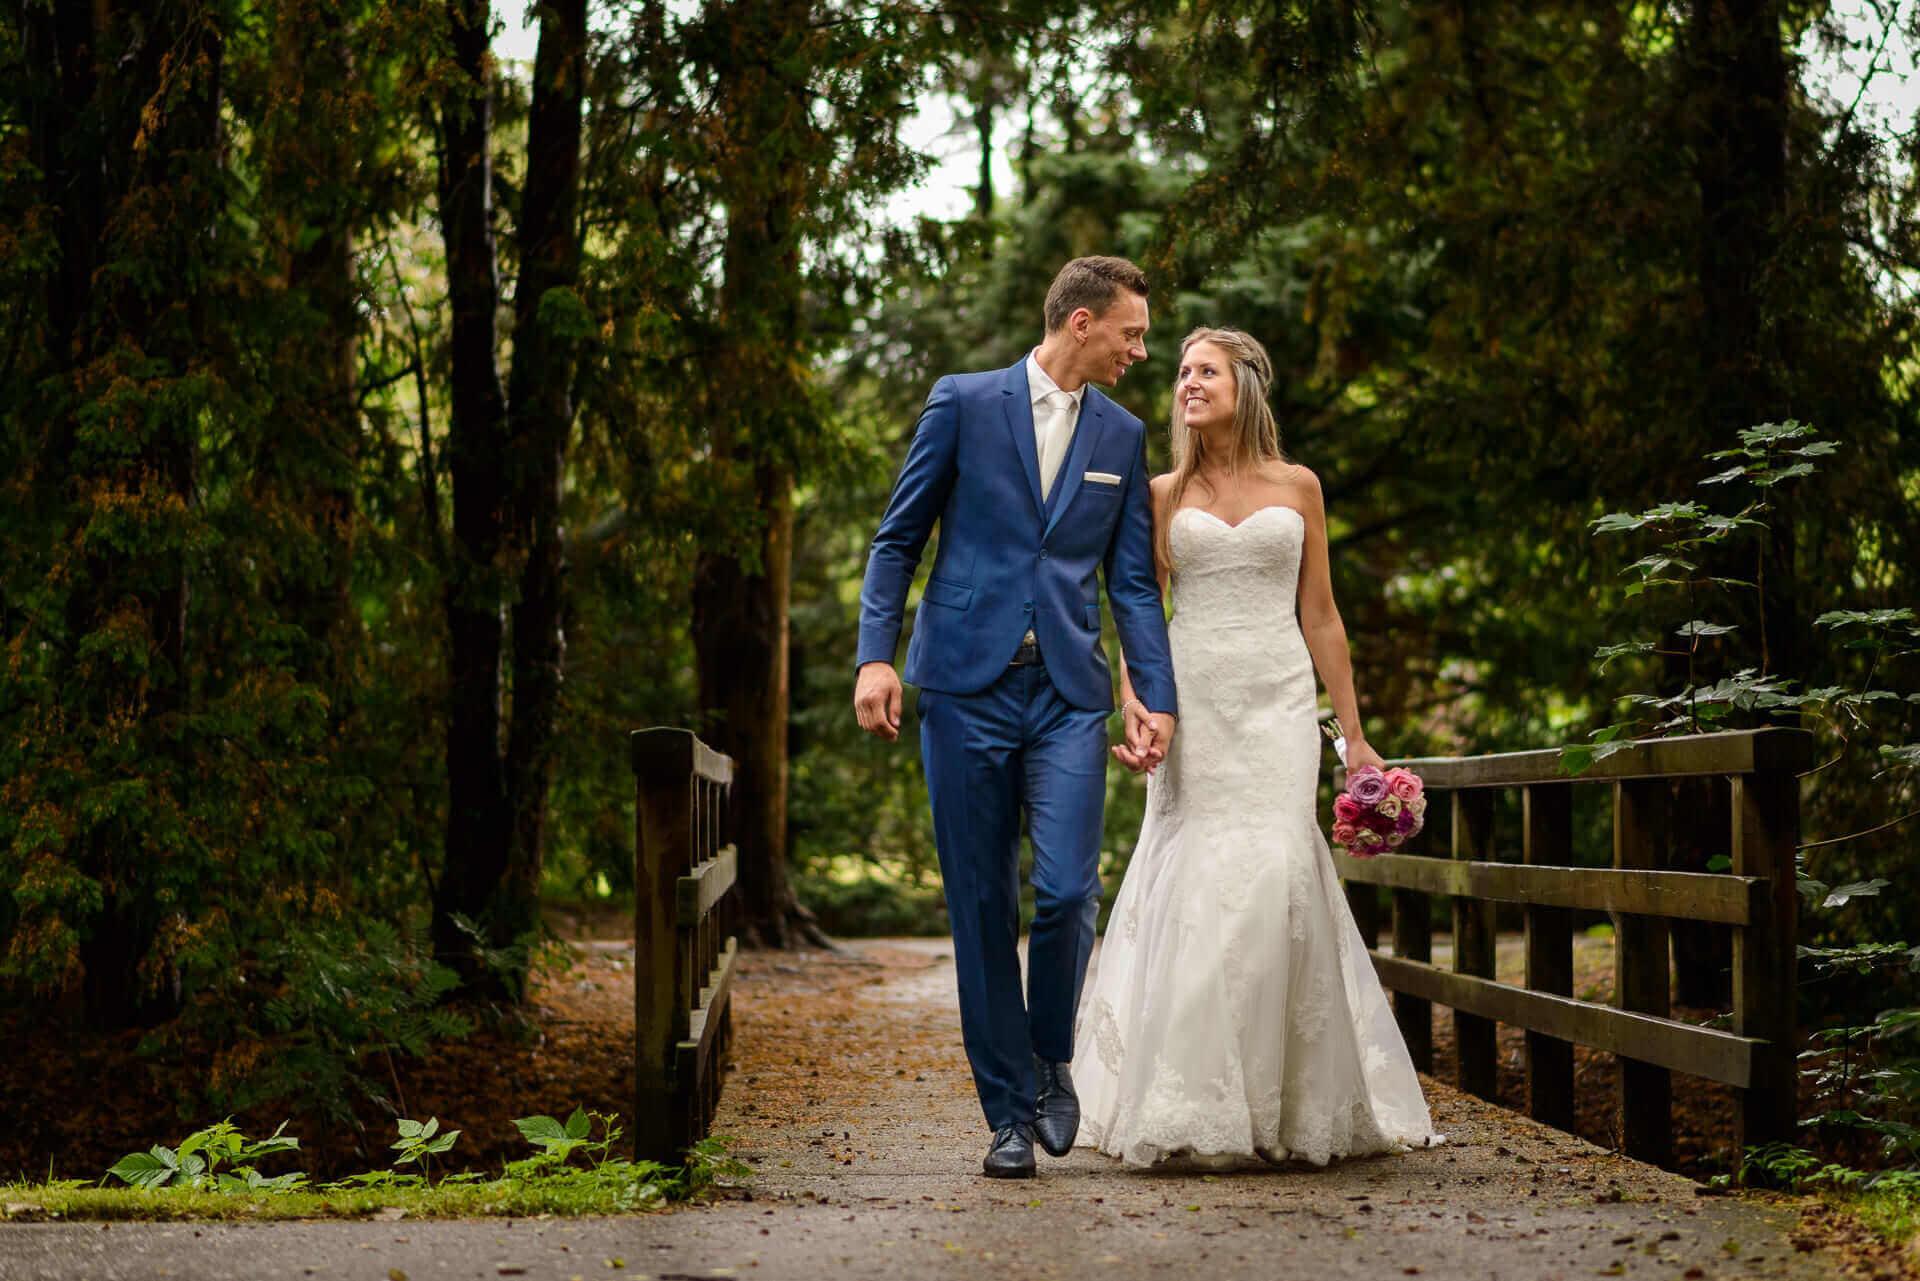 Bruiloftsfotografie-in-de-tuin-van-Raadhuis-in-Vught